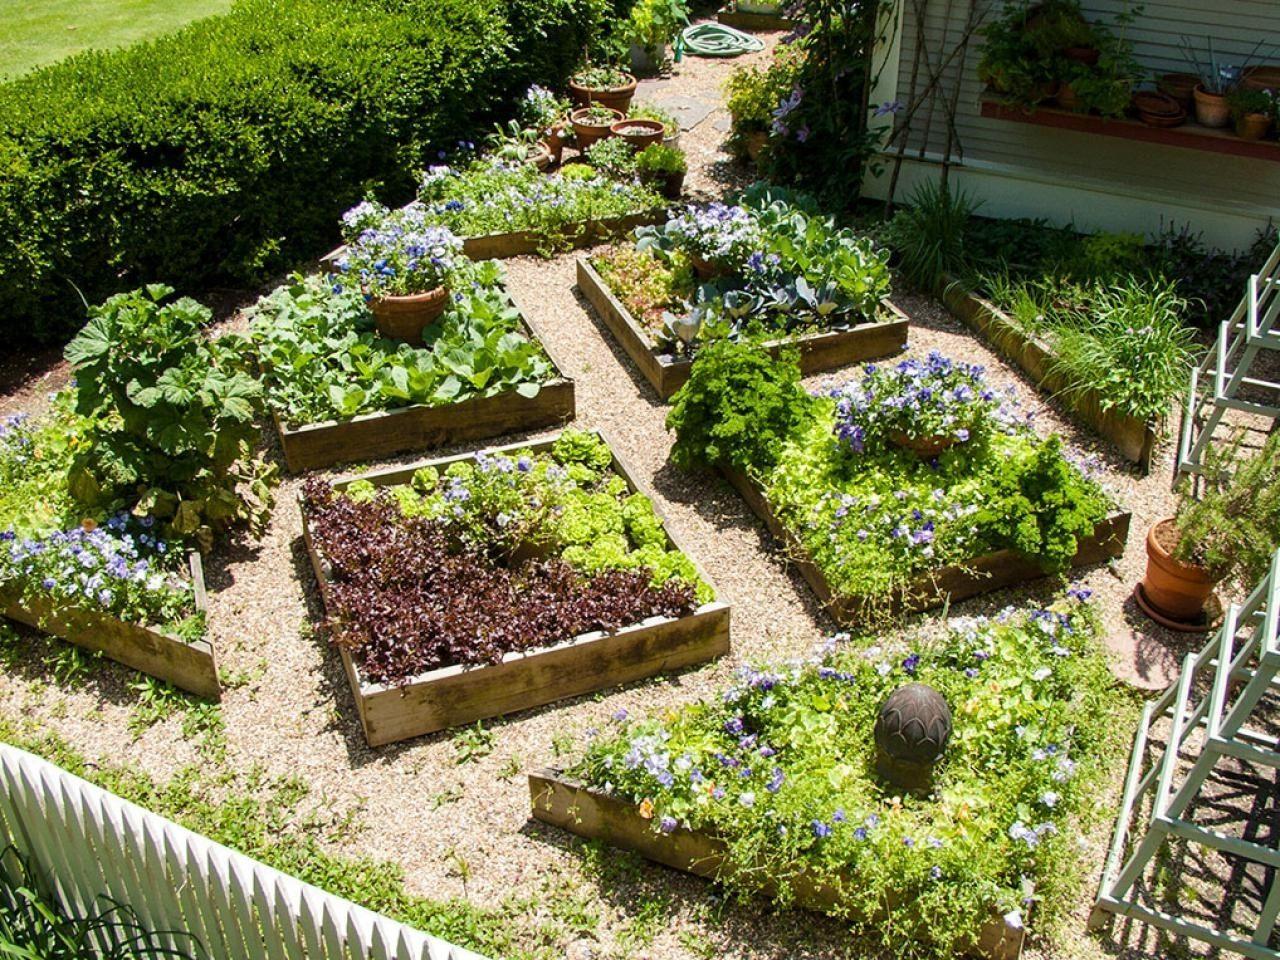 small-vegetable-garden-design-ideas-small-vegetable-garden-design ...